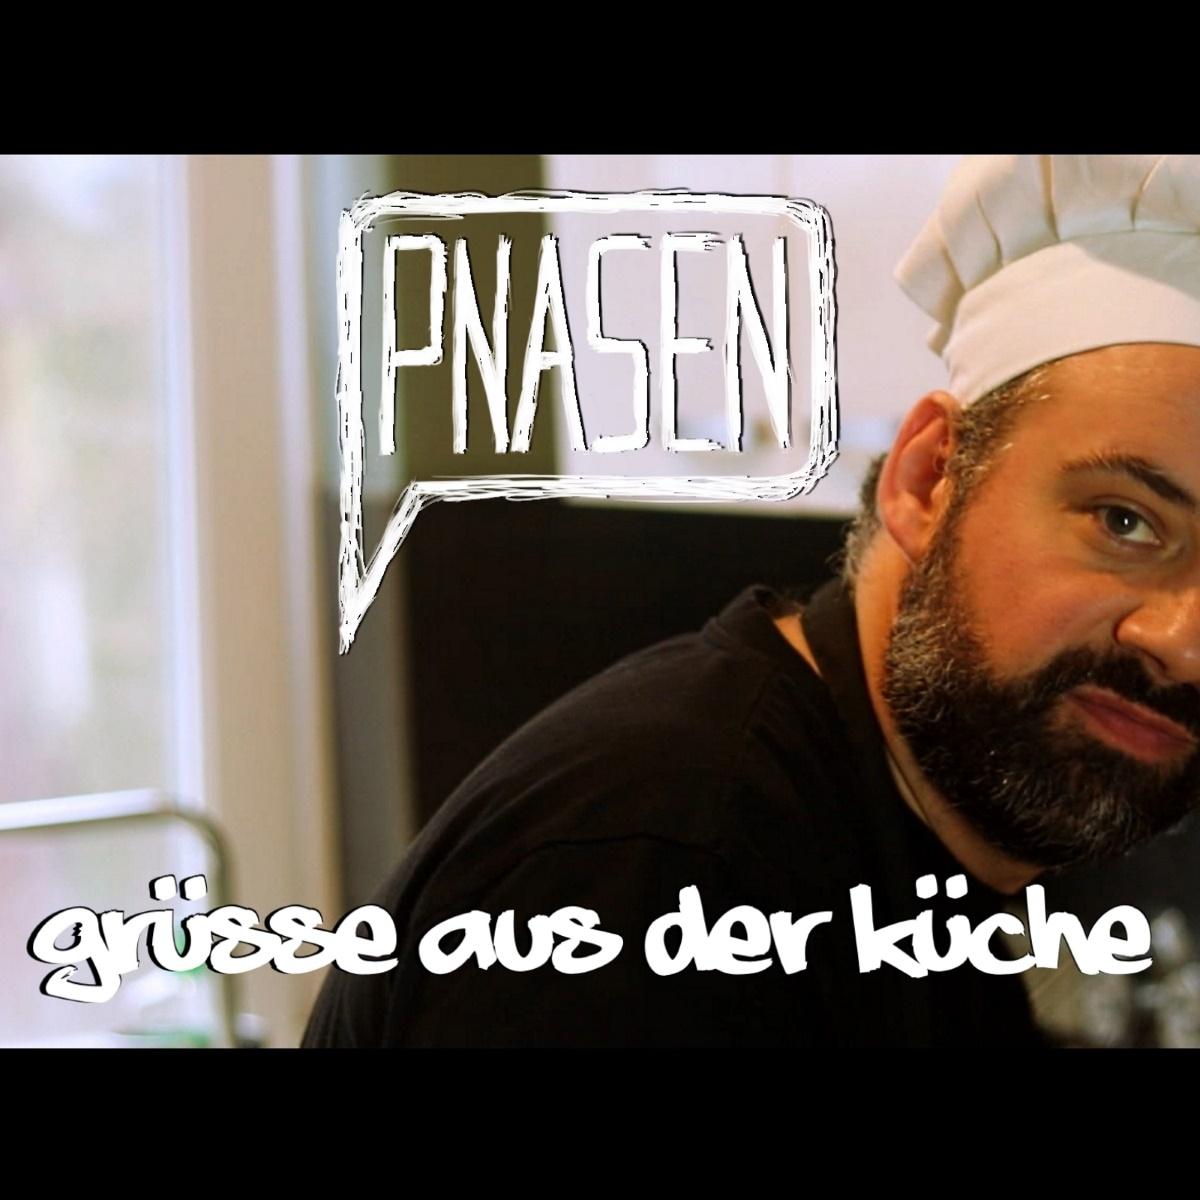 Upcoming: PNASEN - Grüsse Aus Der Küche